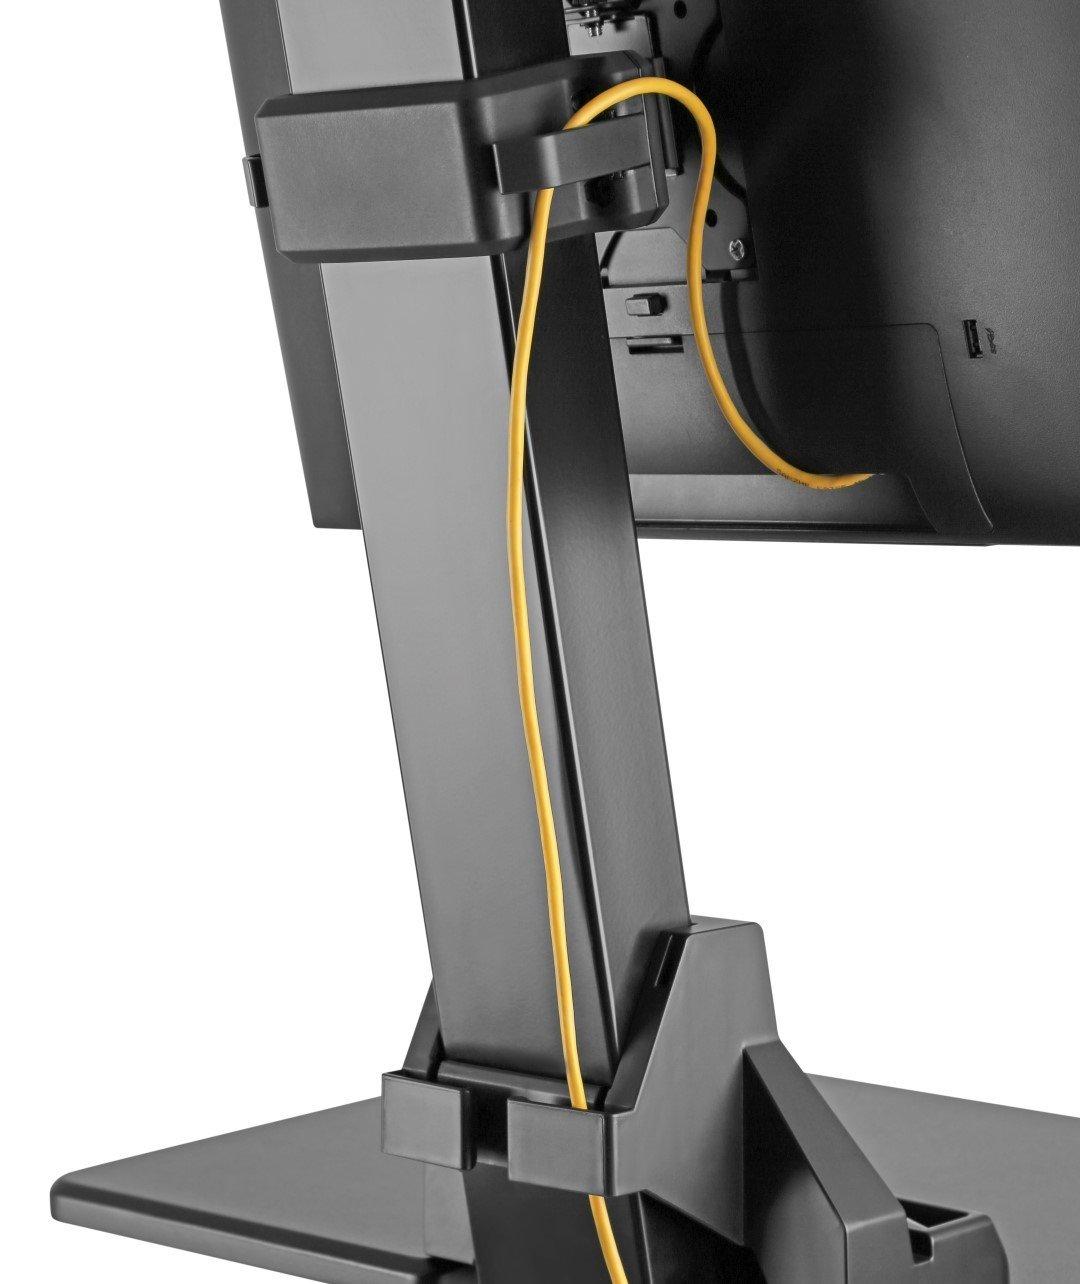 E-Lift S inbuilt cable management